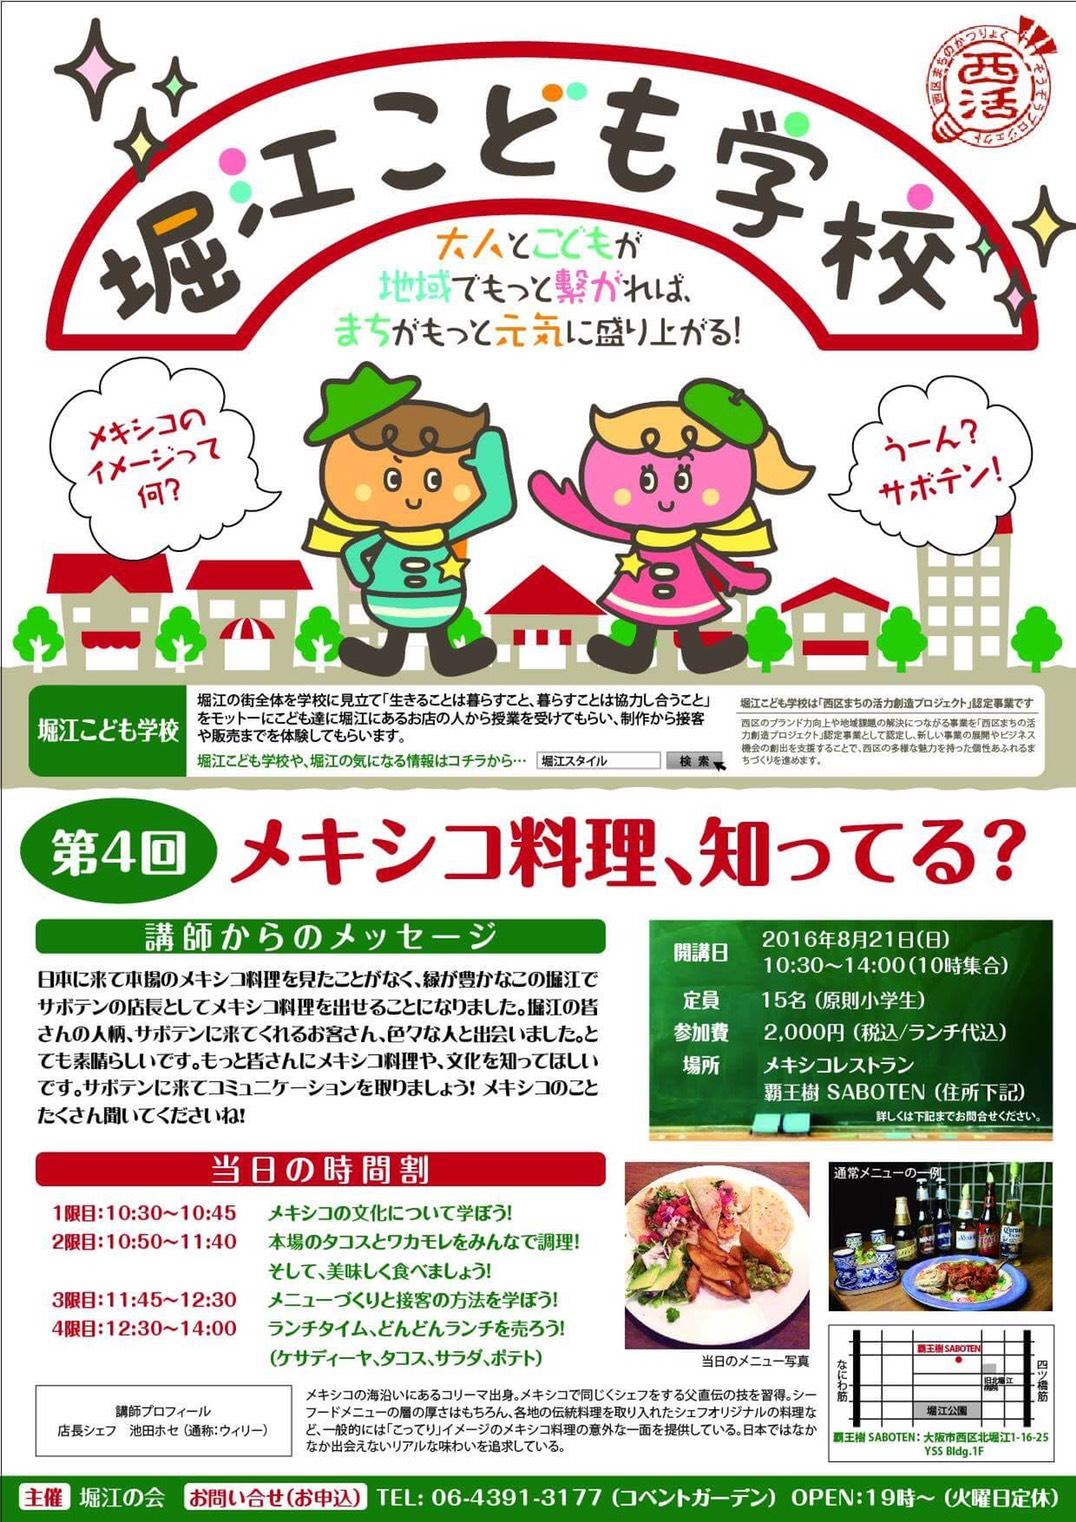 2.第4回堀江こども学校イベント詳細